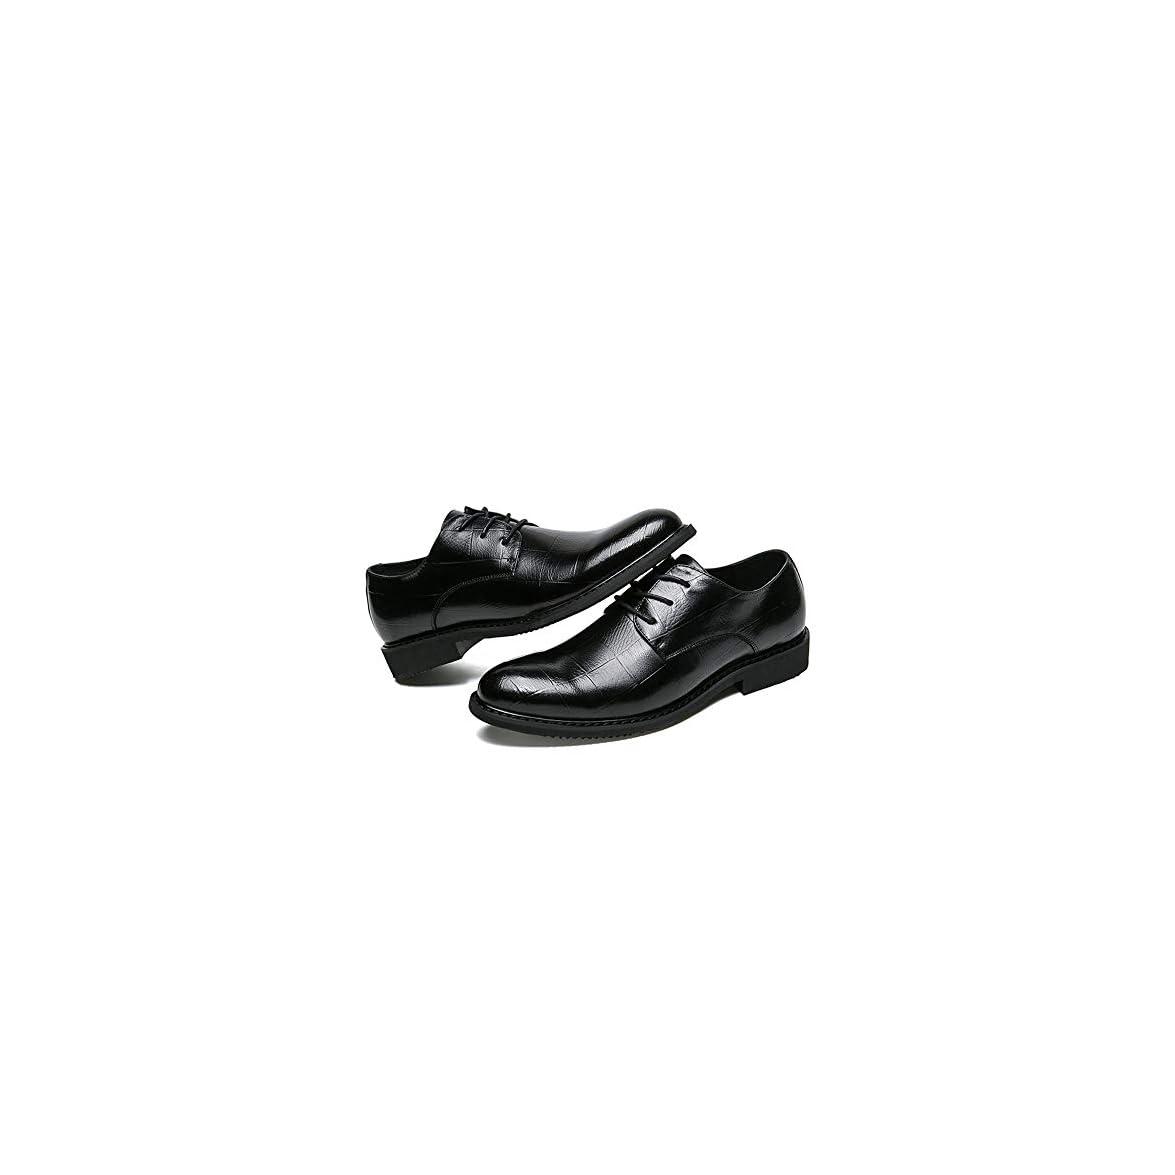 42 Da Casual Uomo Dimensione Business Eu Formali color Semplice Accogliente Stile Tufanyu Nuovo Classico Scarpe Nero Oxford Britannico